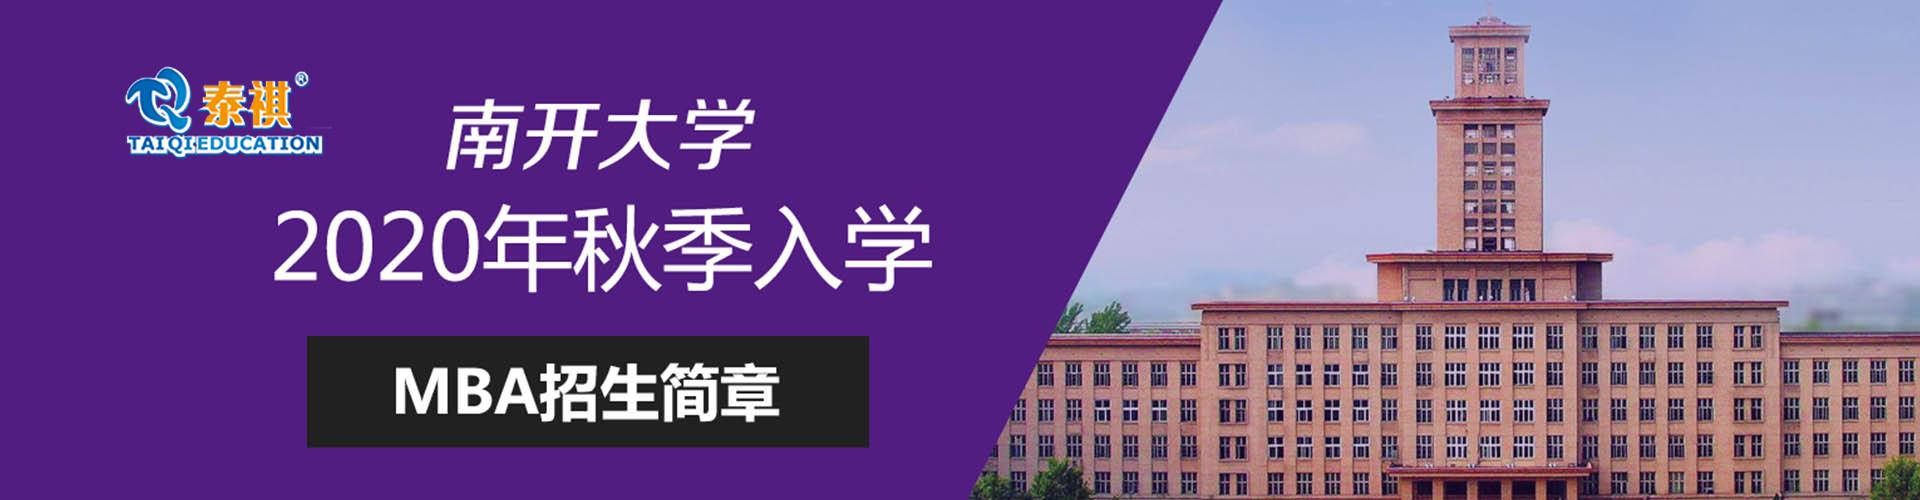 南开大学2019年秋季入学MBA招生简章